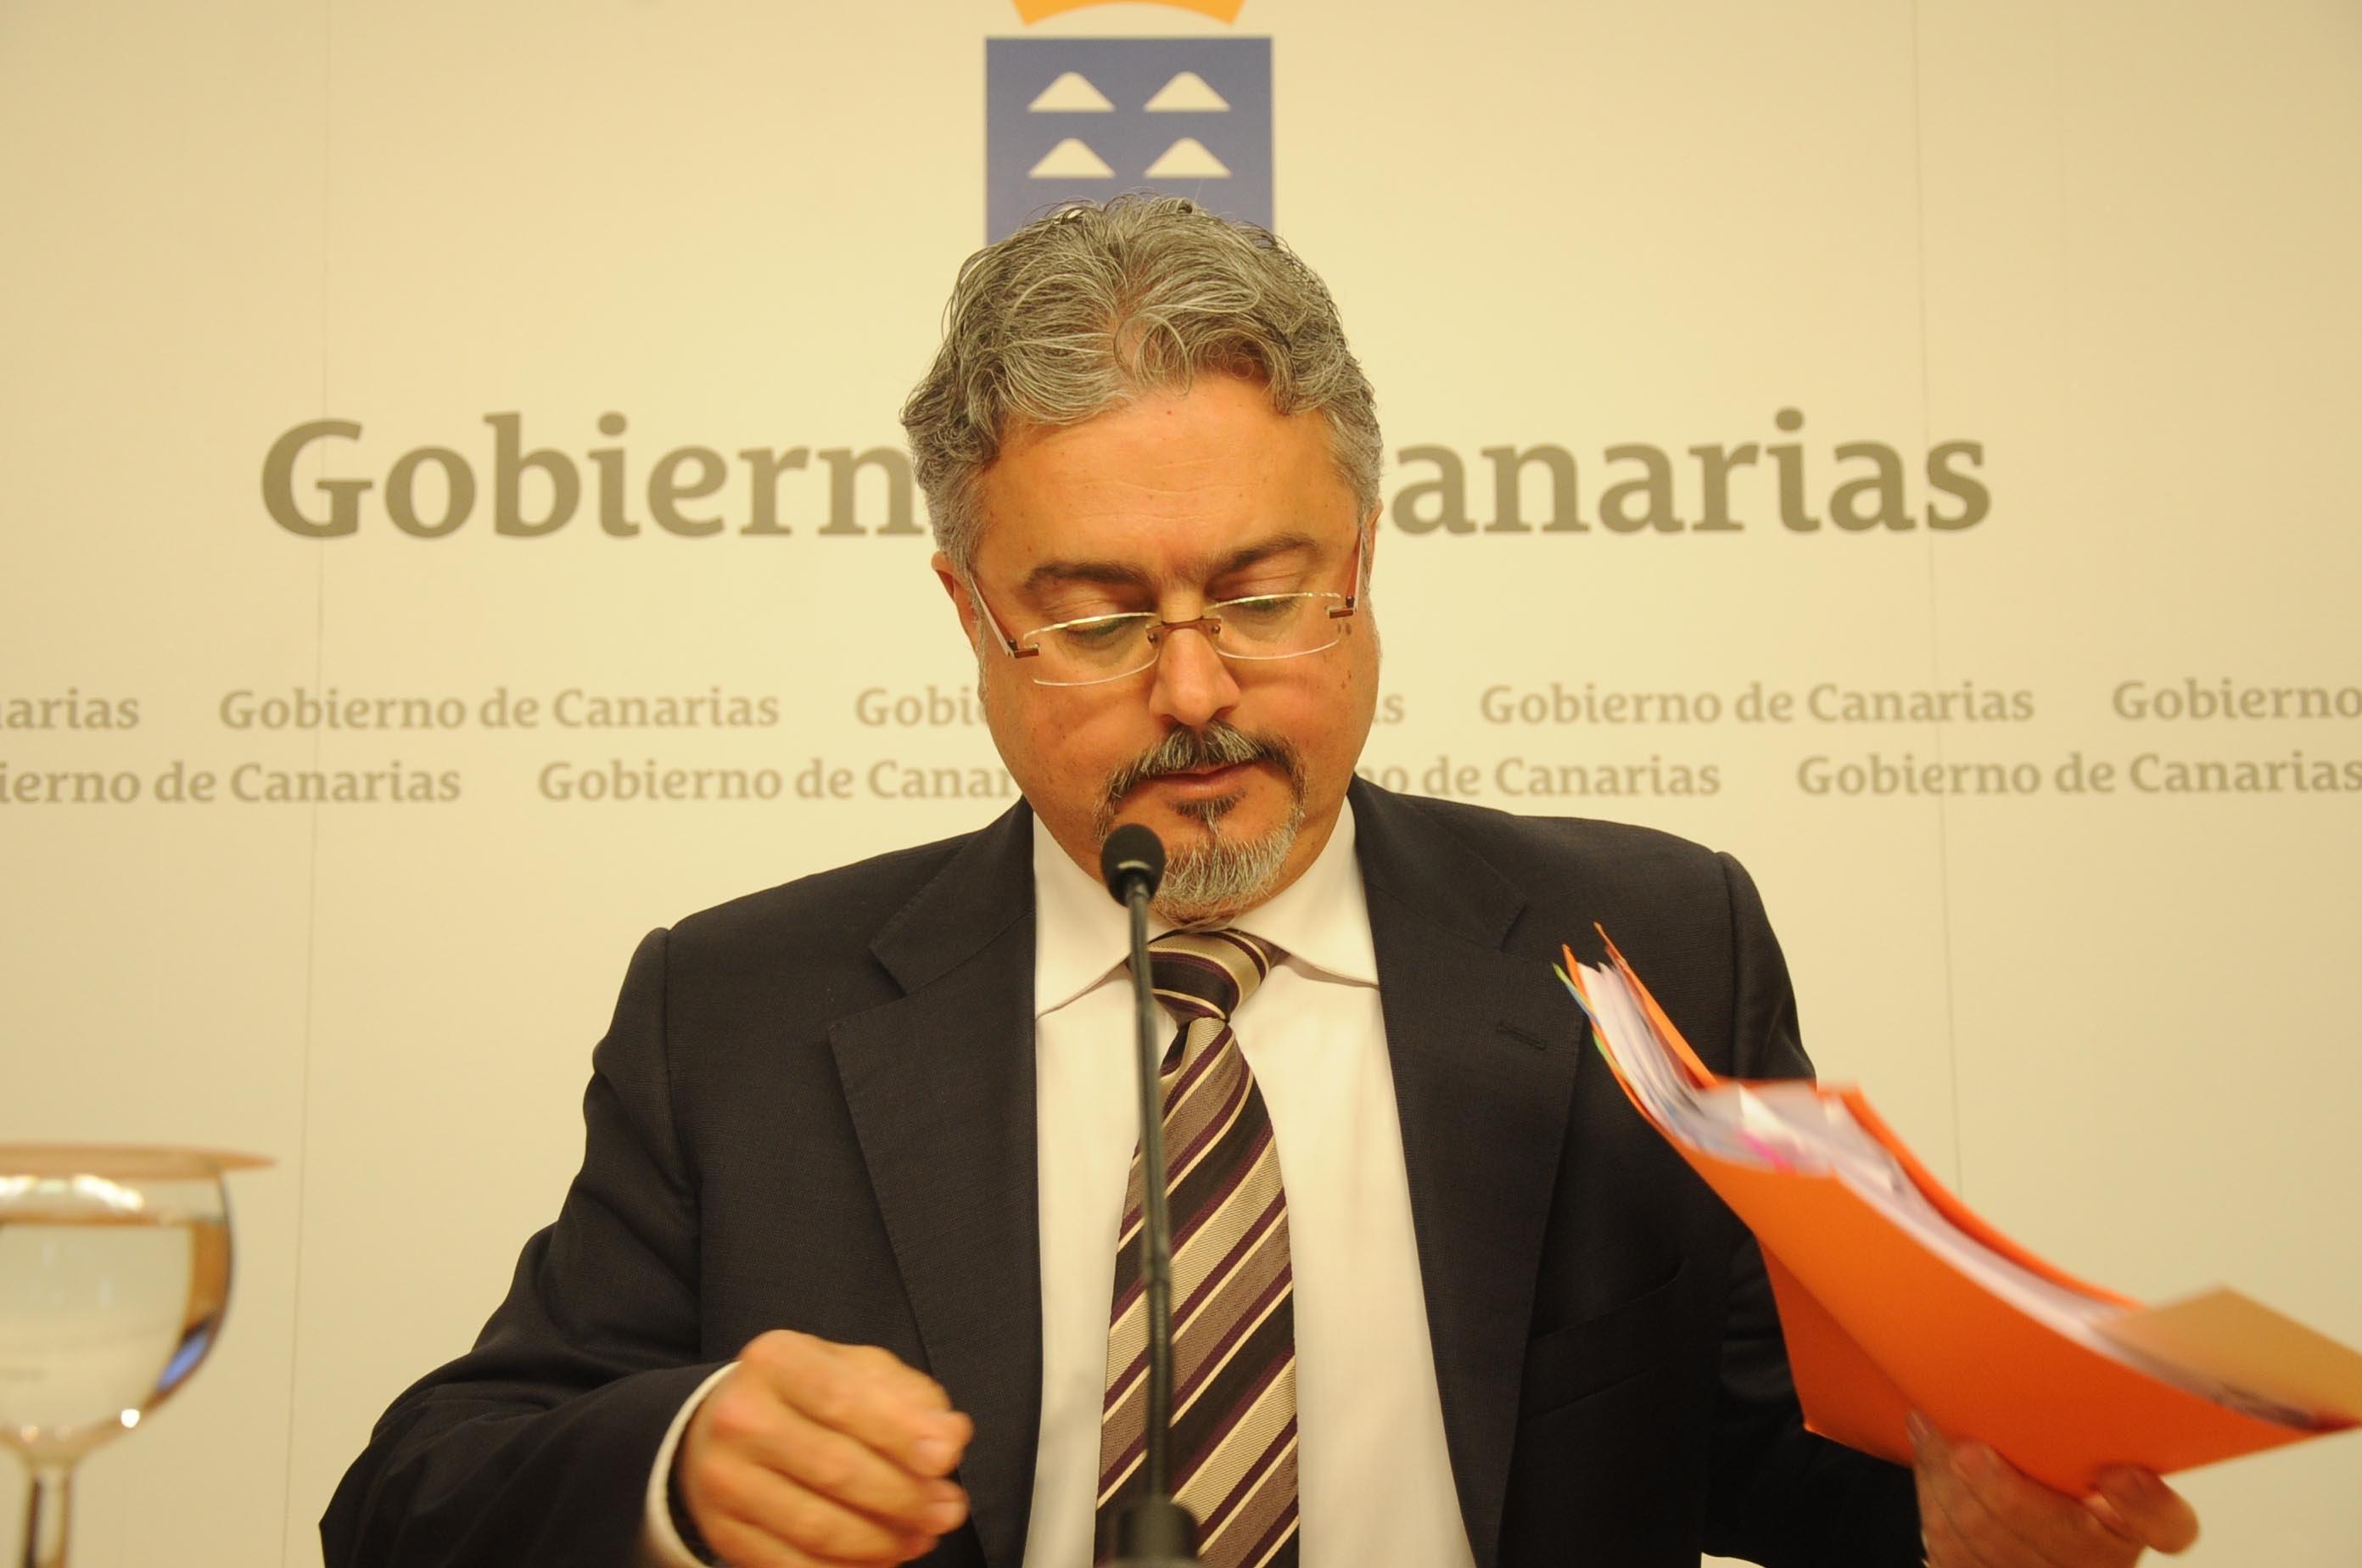 El Gobierno de Canarias no recurrirá la sentencia sobre Tindaya y dice que mantendrá el proyecto de Chillida